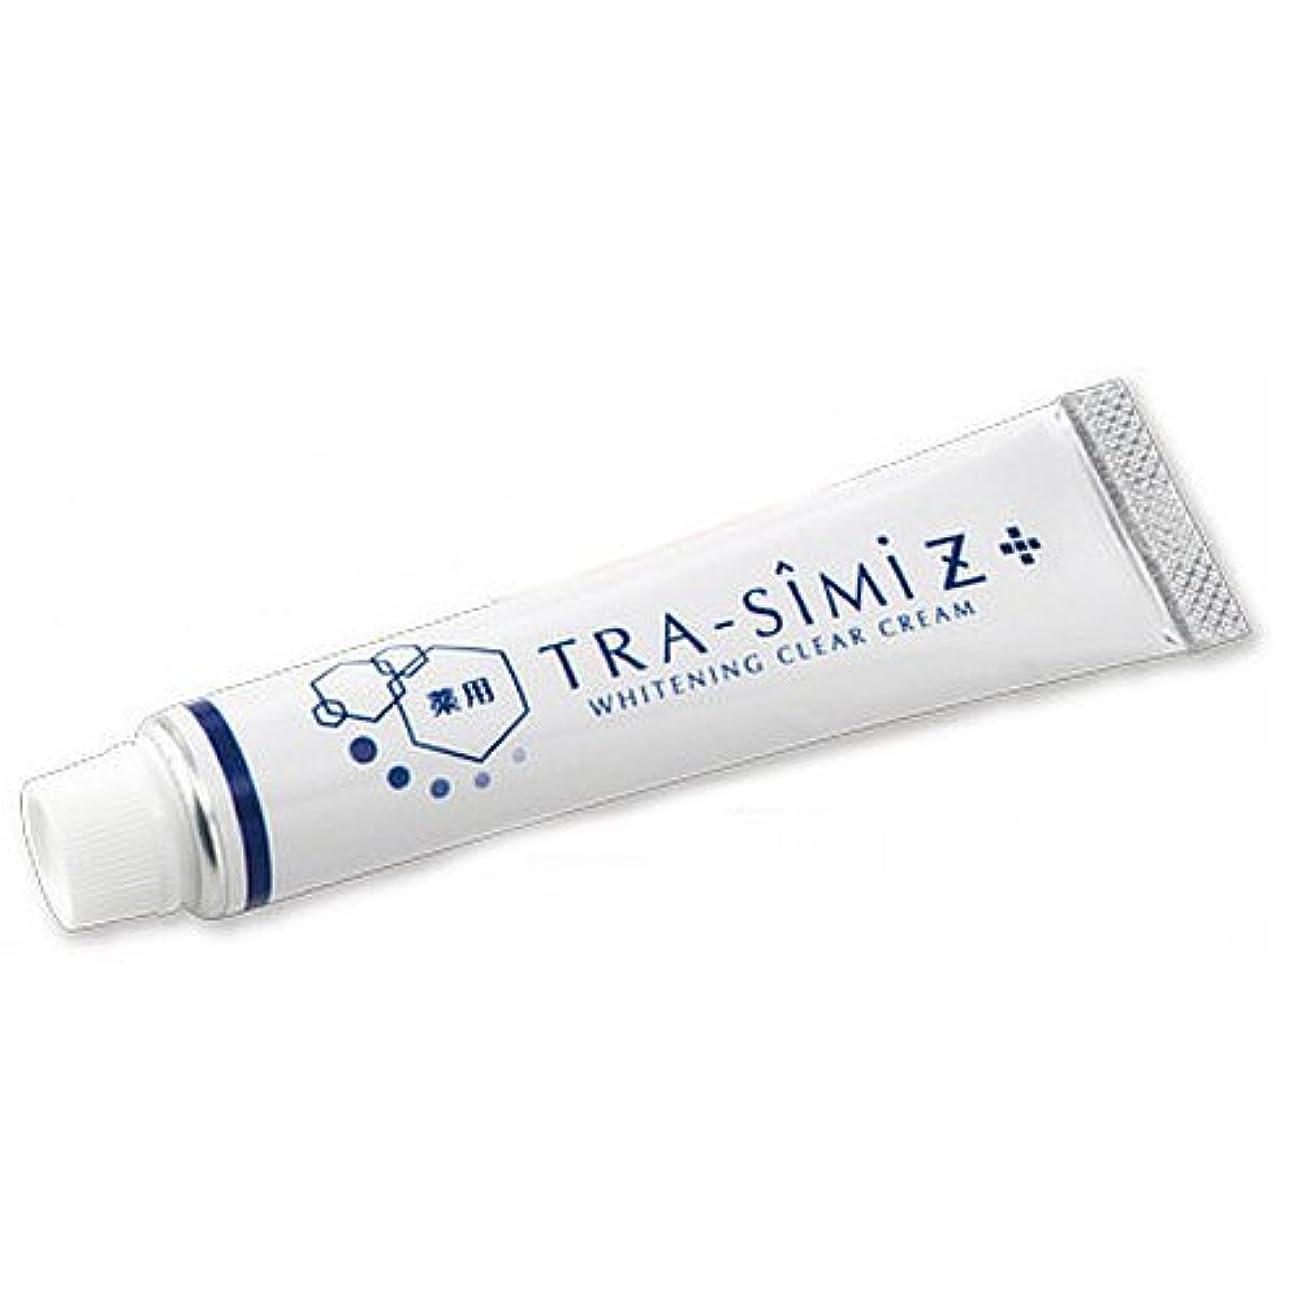 続編安価なスロベニア薬用トラシーミZ 医薬部外品20g20個セット